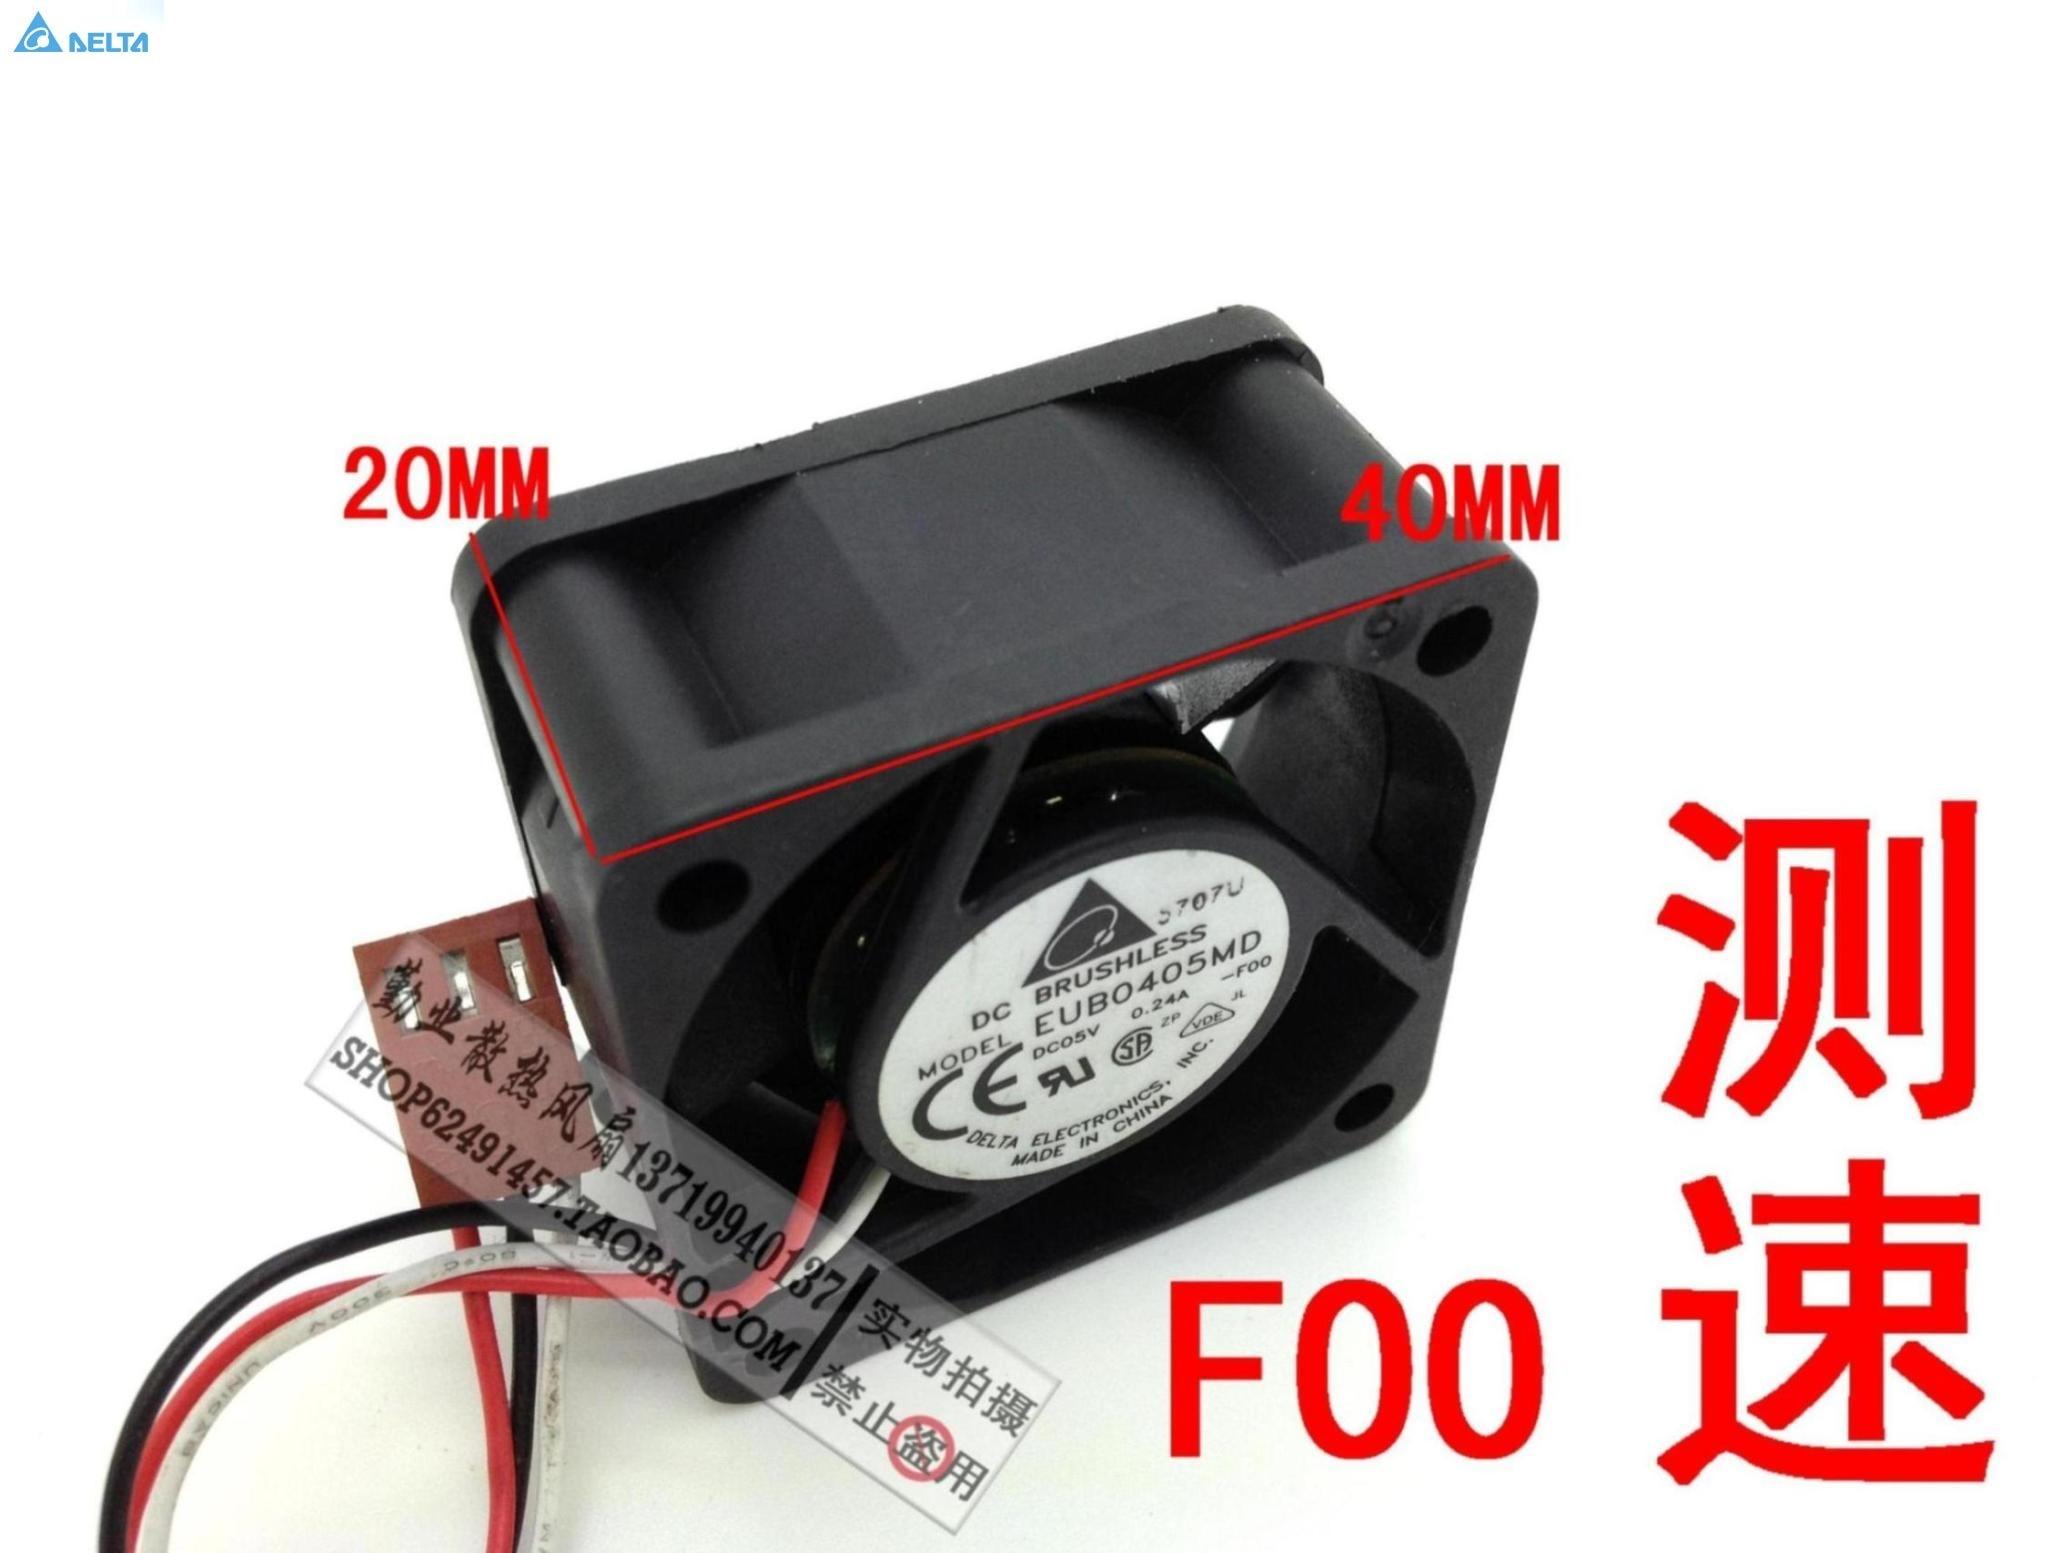 デルタ EUB0405MD 5V 0.24A サーバー冷却ファン 4020 40 × 40 × 20 ミリメートル 4 センチメートル